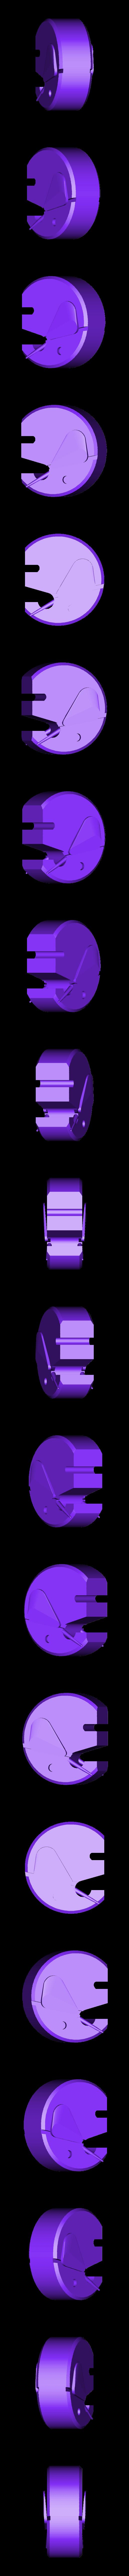 danish_modern_elephant_remix_ears_tusks_V5.stl Télécharger fichier STL gratuit éléphant moderne danois avec oreilles et défenses • Modèle imprimable en 3D, pgraaff